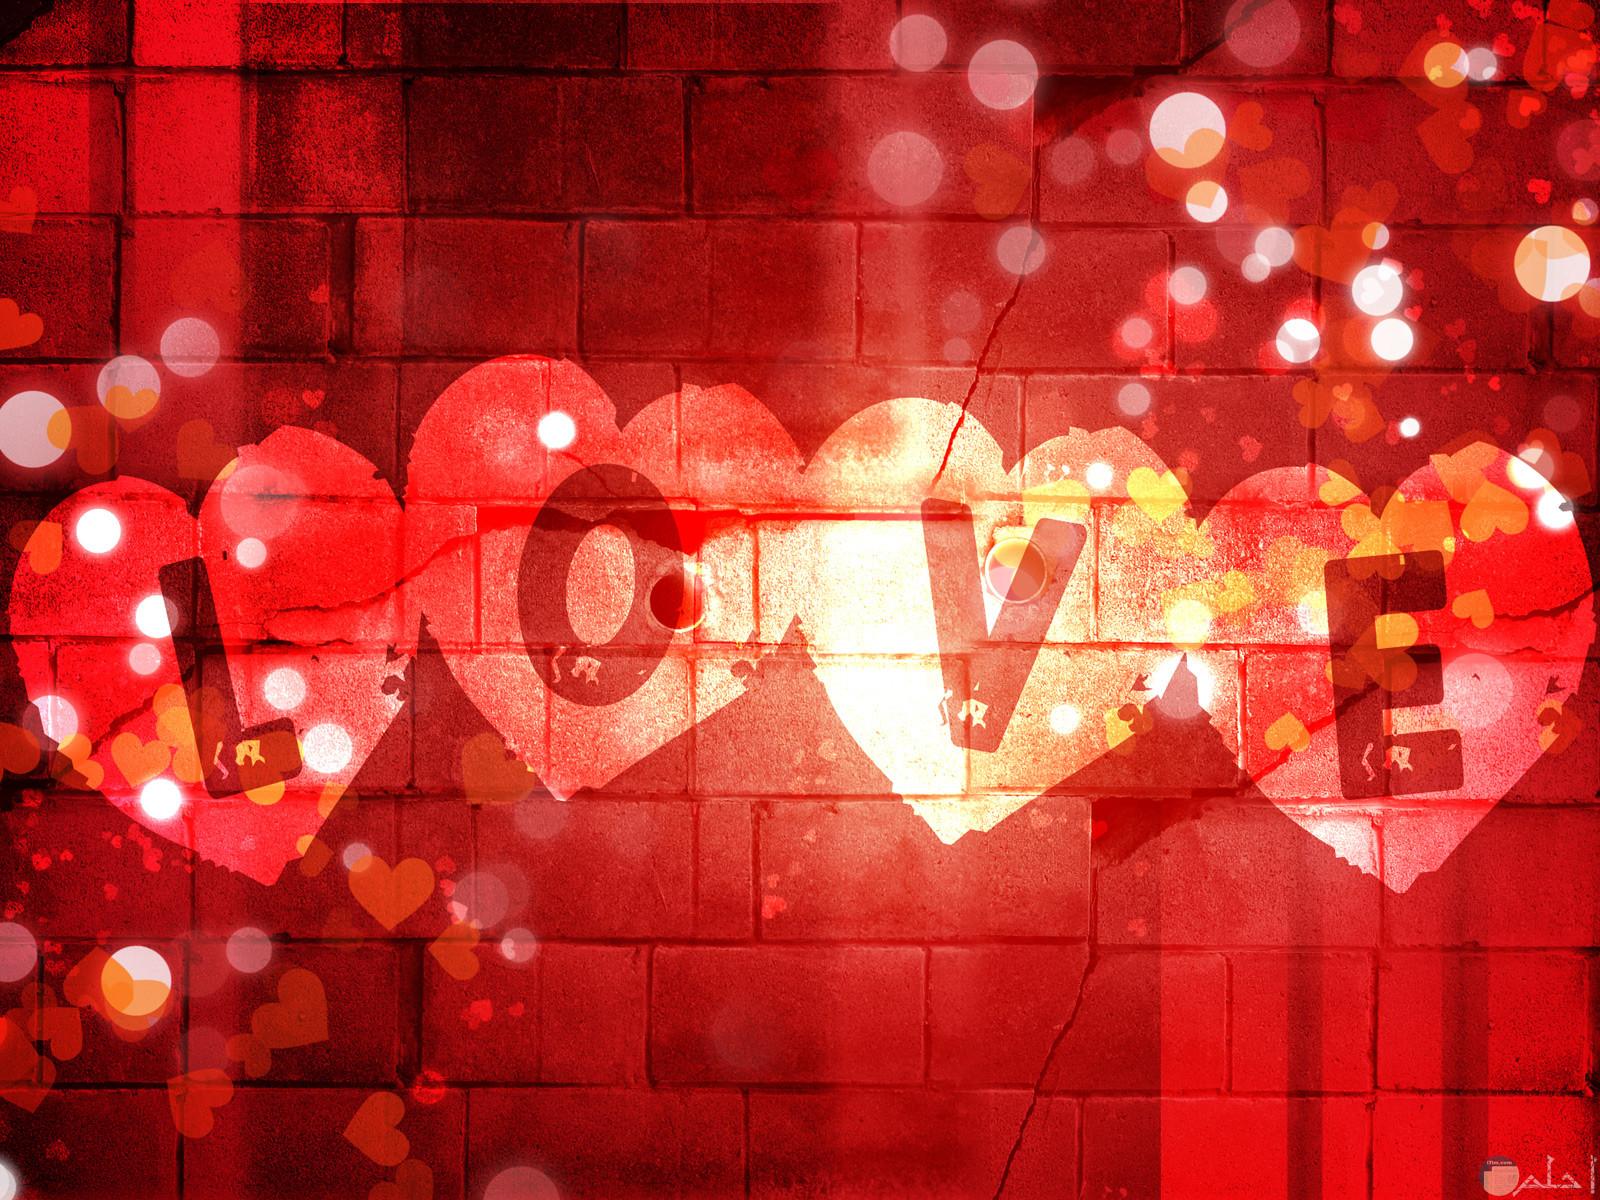 صورة للحب تعبر عن الحب كله.